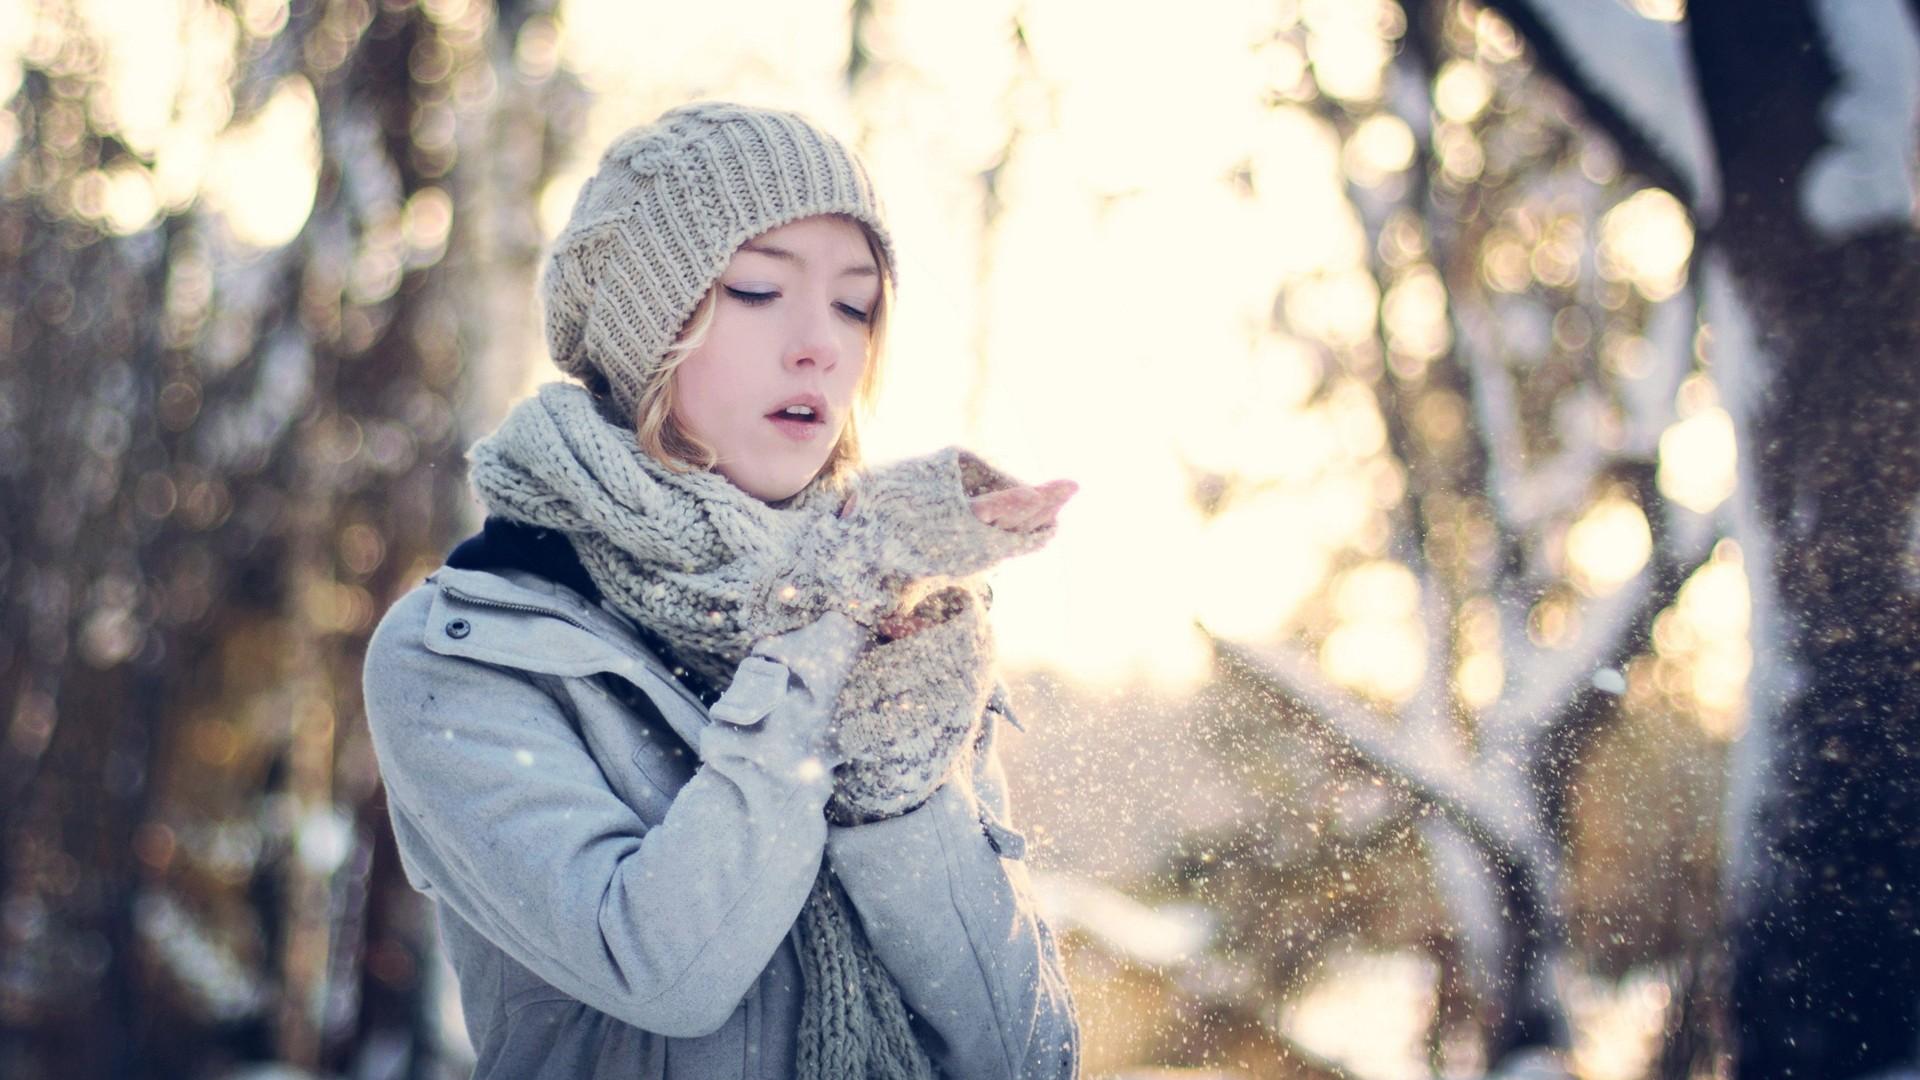 Winter Girl Wallpaper